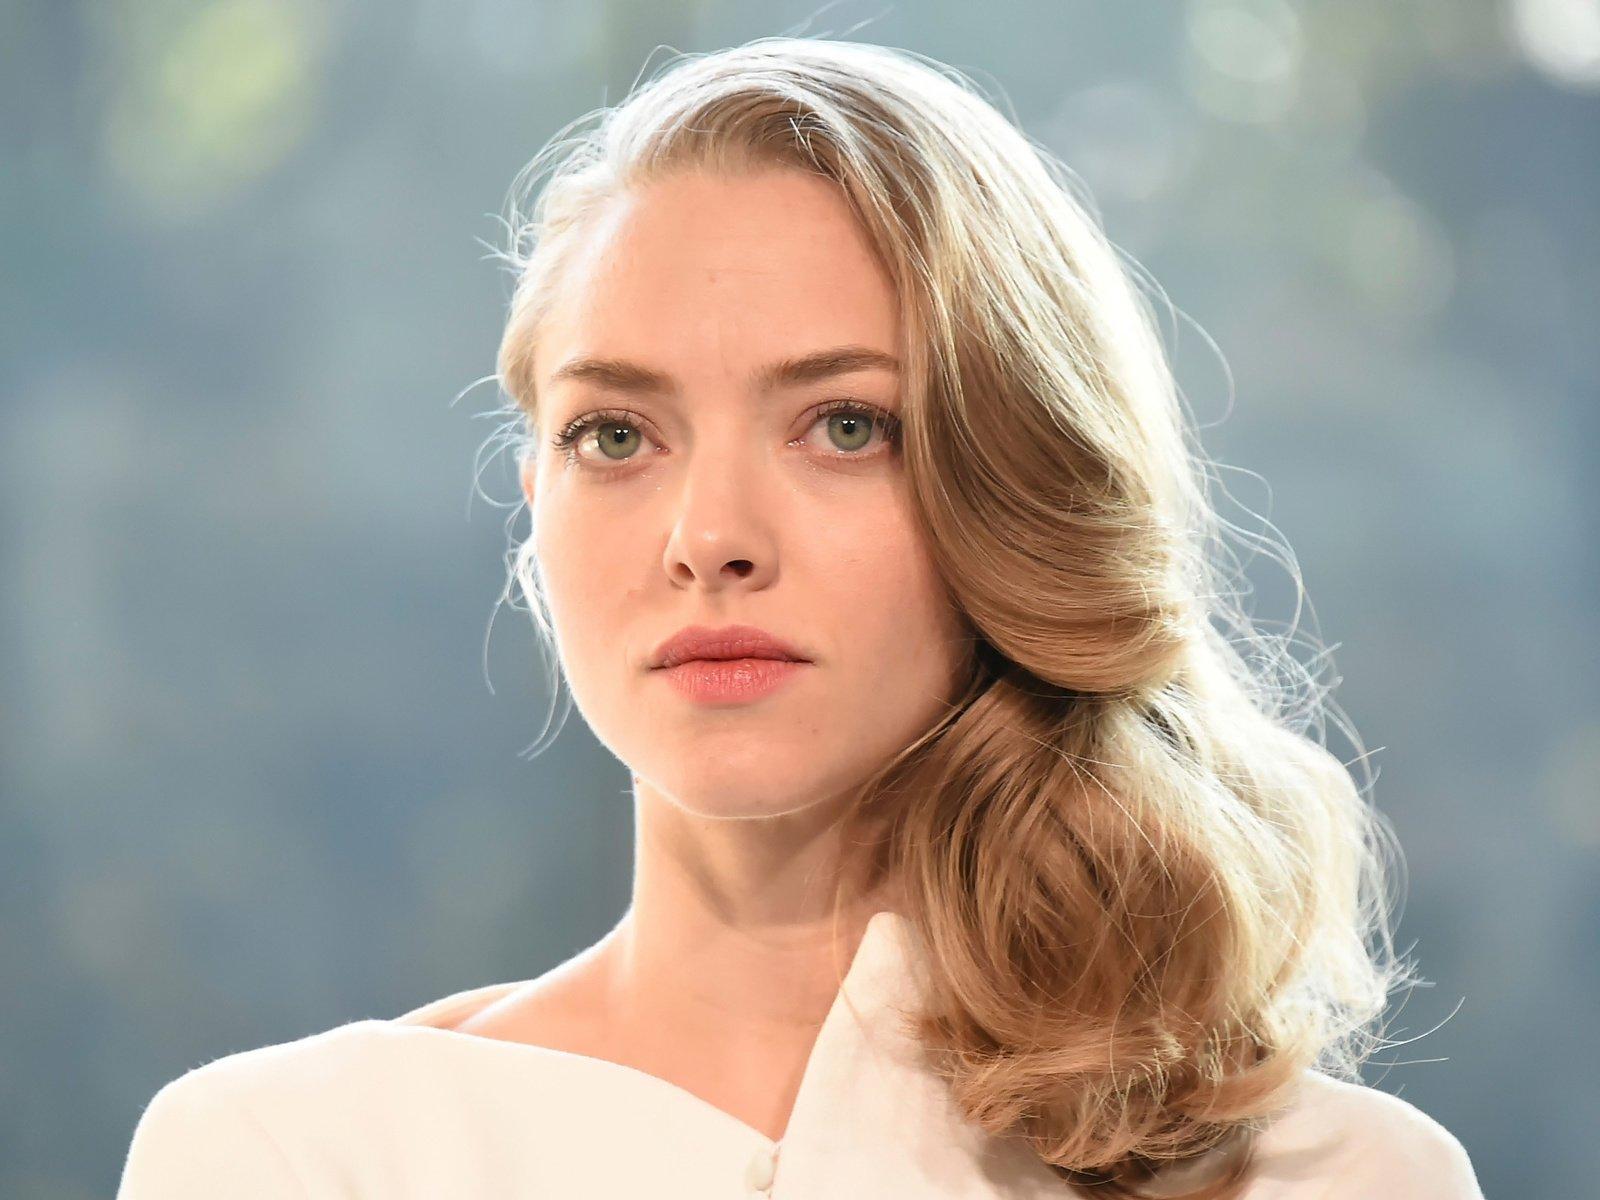 Фото актрис россии 18, Самые красивые актрисы России (Топ-30, фото) 25 фотография